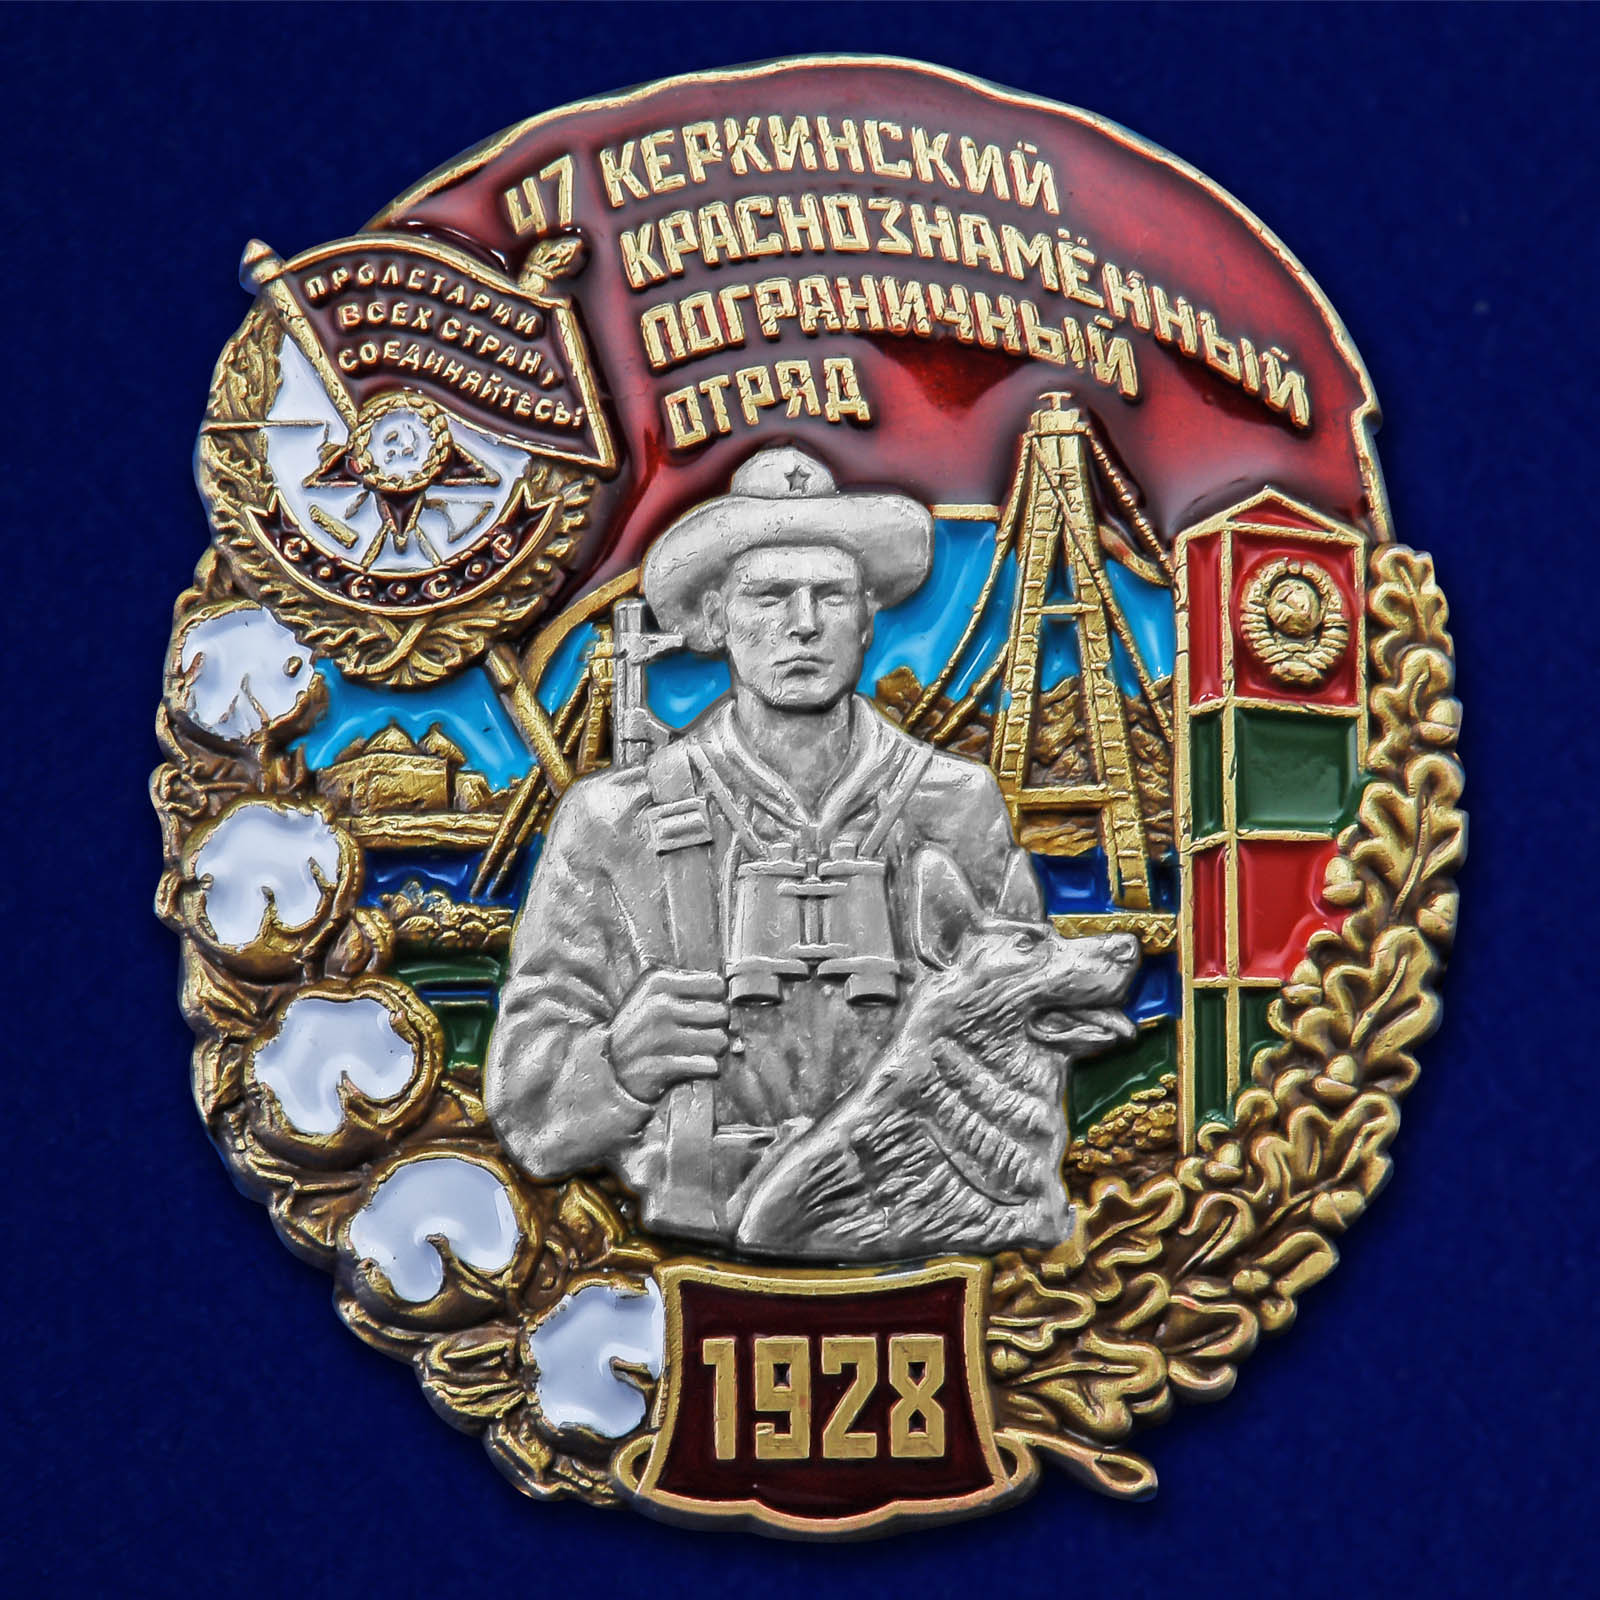 Знак 47 Керкинский Краснознамённый пограничный отряд